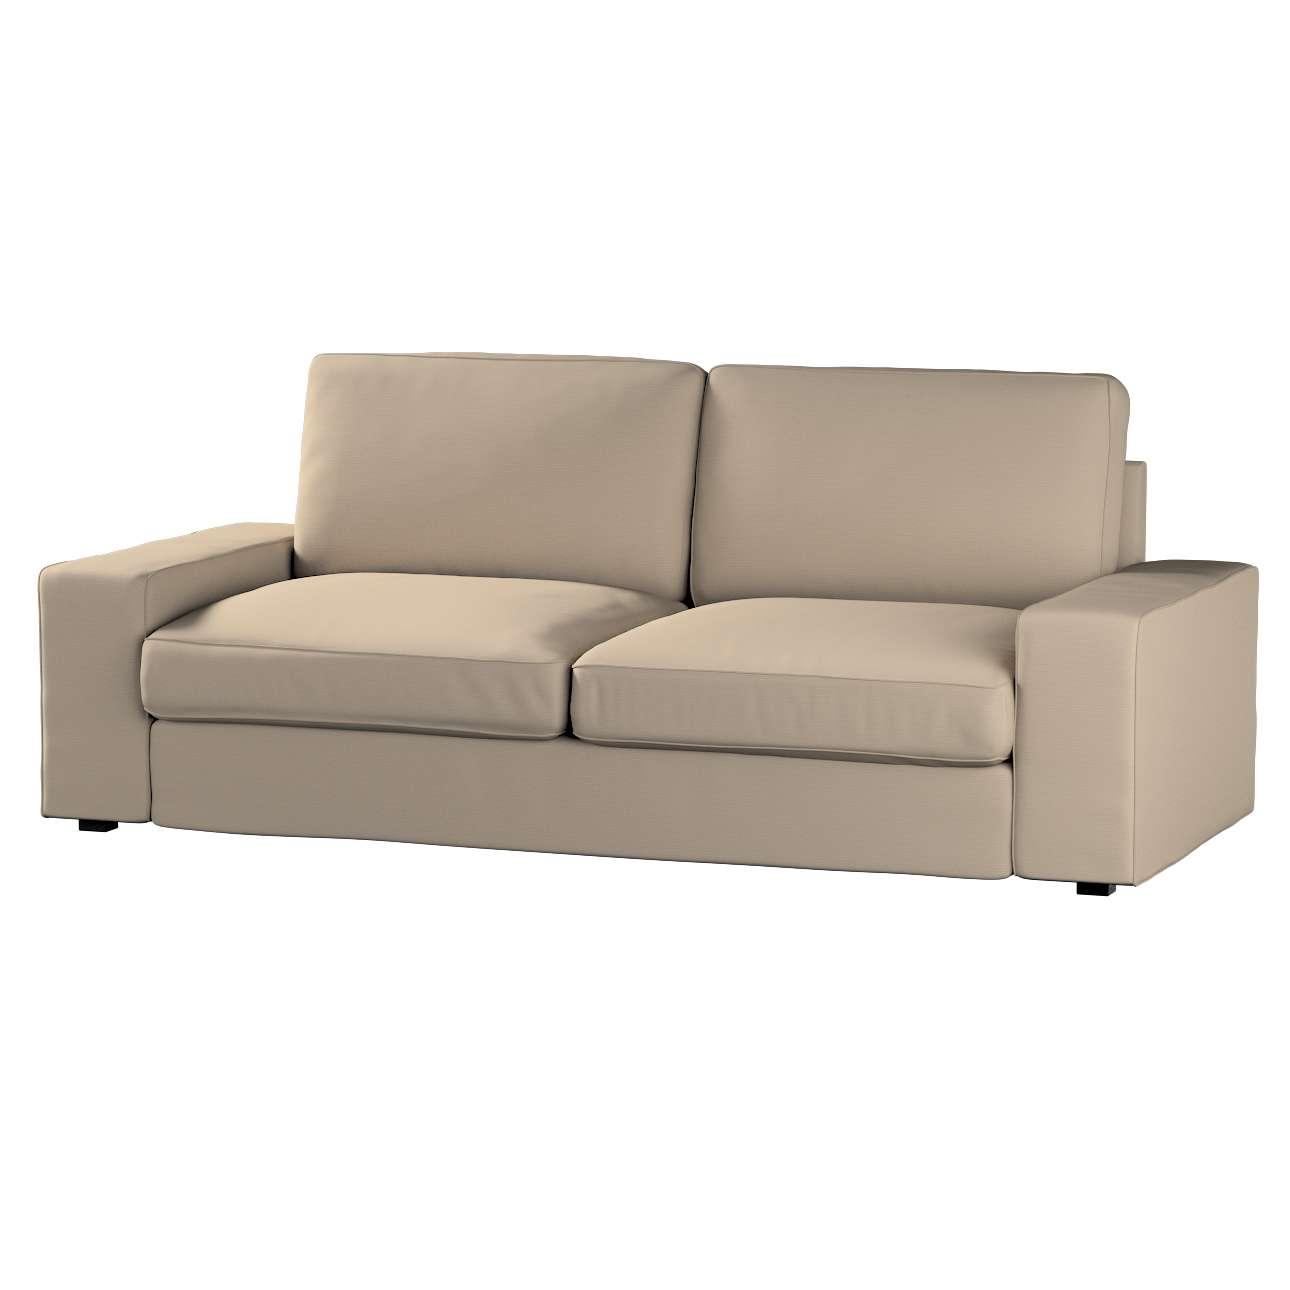 Pokrowiec na sofę Kivik 3-osobową, nierozkładaną Sofa Kivik 3-osobowa nierozkładana w kolekcji Cotton Panama, tkanina: 702-28